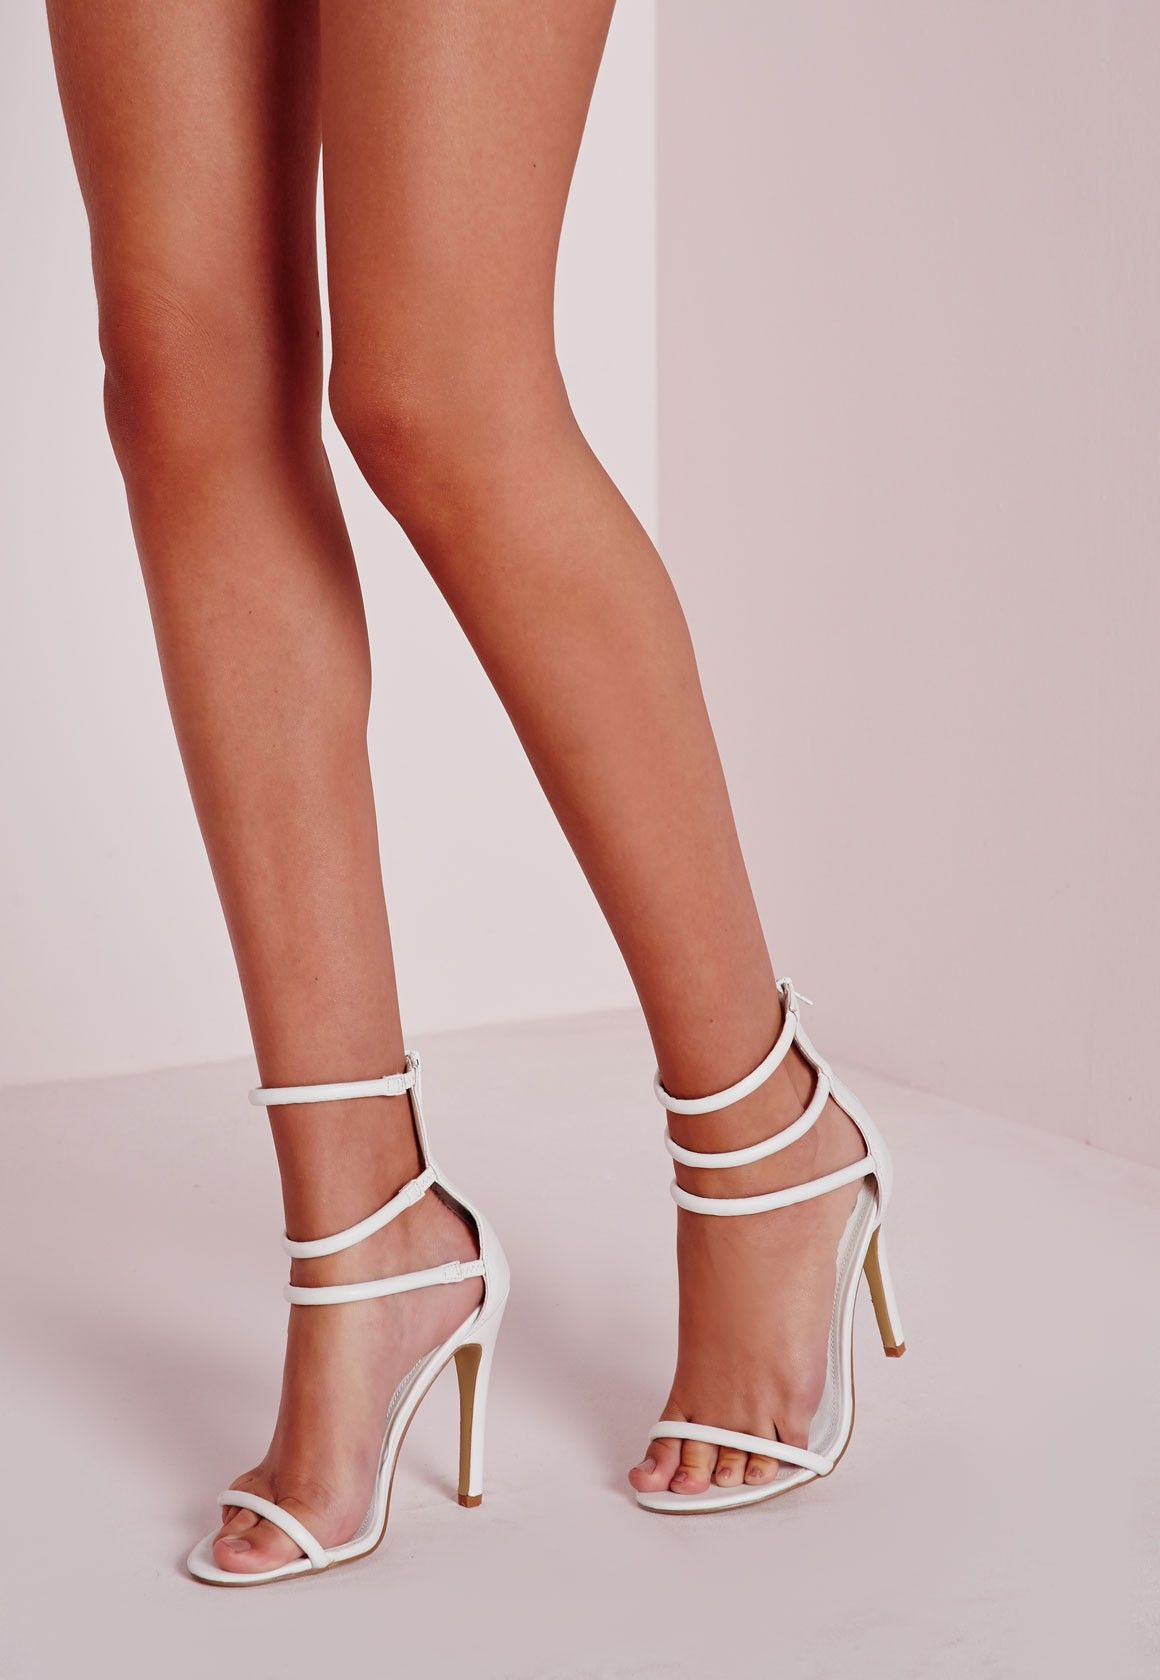 sandales talon et brides de cheville blanches chaussures talons hauts missguided. Black Bedroom Furniture Sets. Home Design Ideas